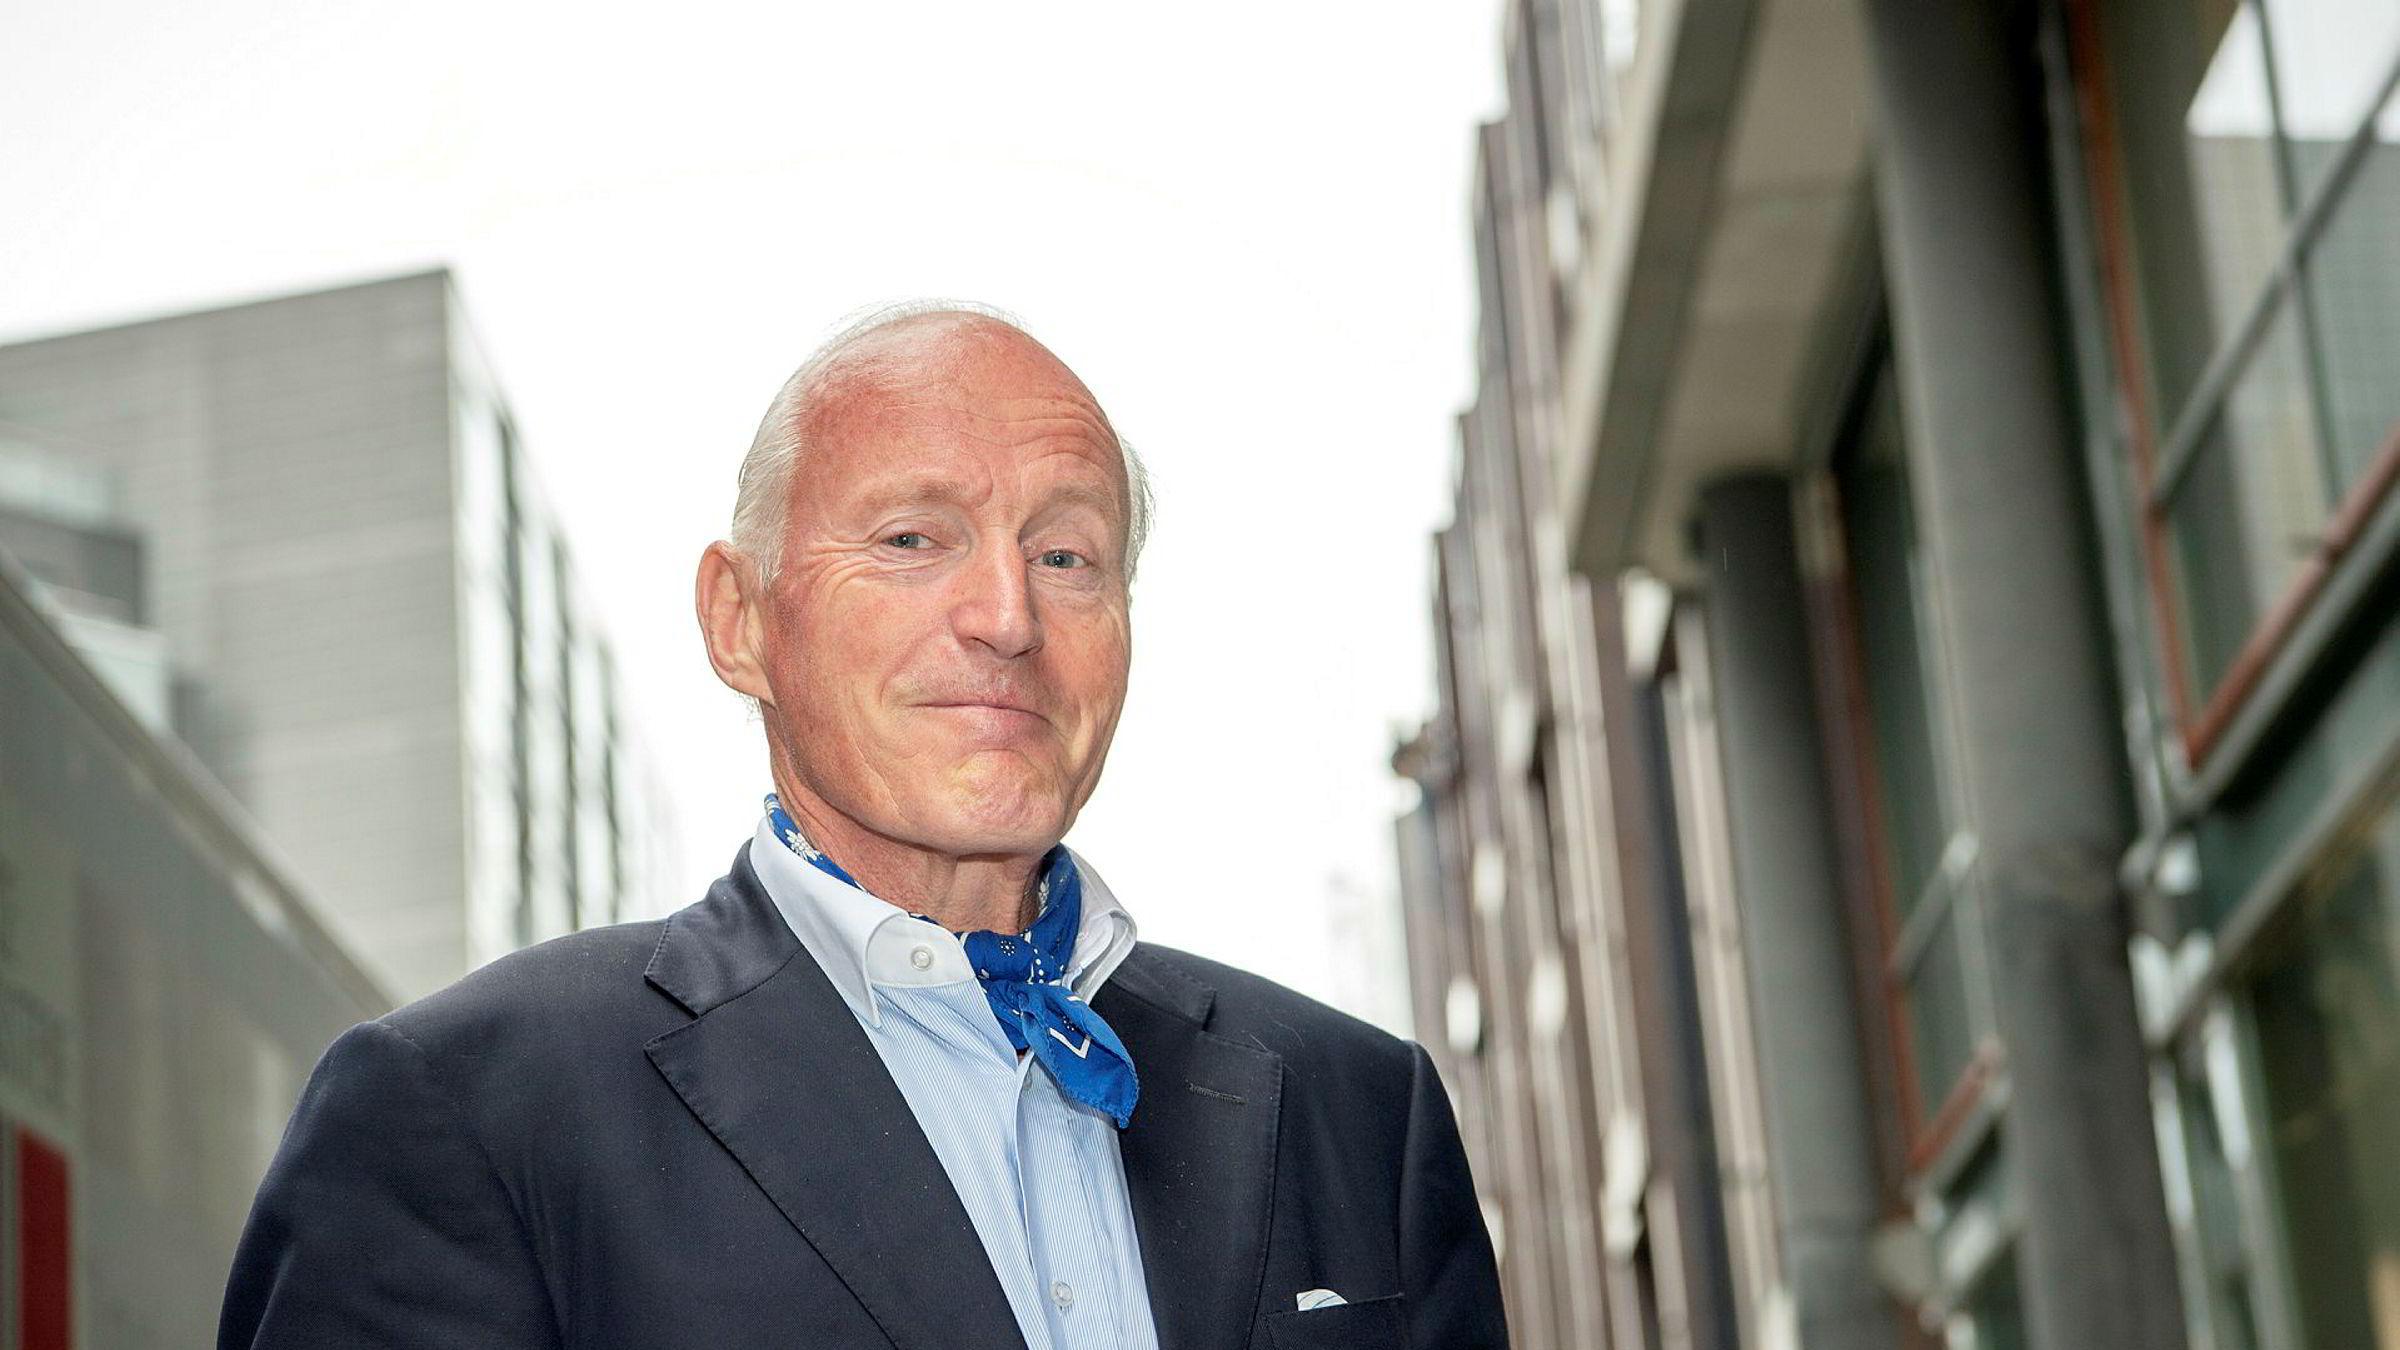 Christian Ringnes i Eiendomsspar selger Oslo-hotell for over en milliard kroner.